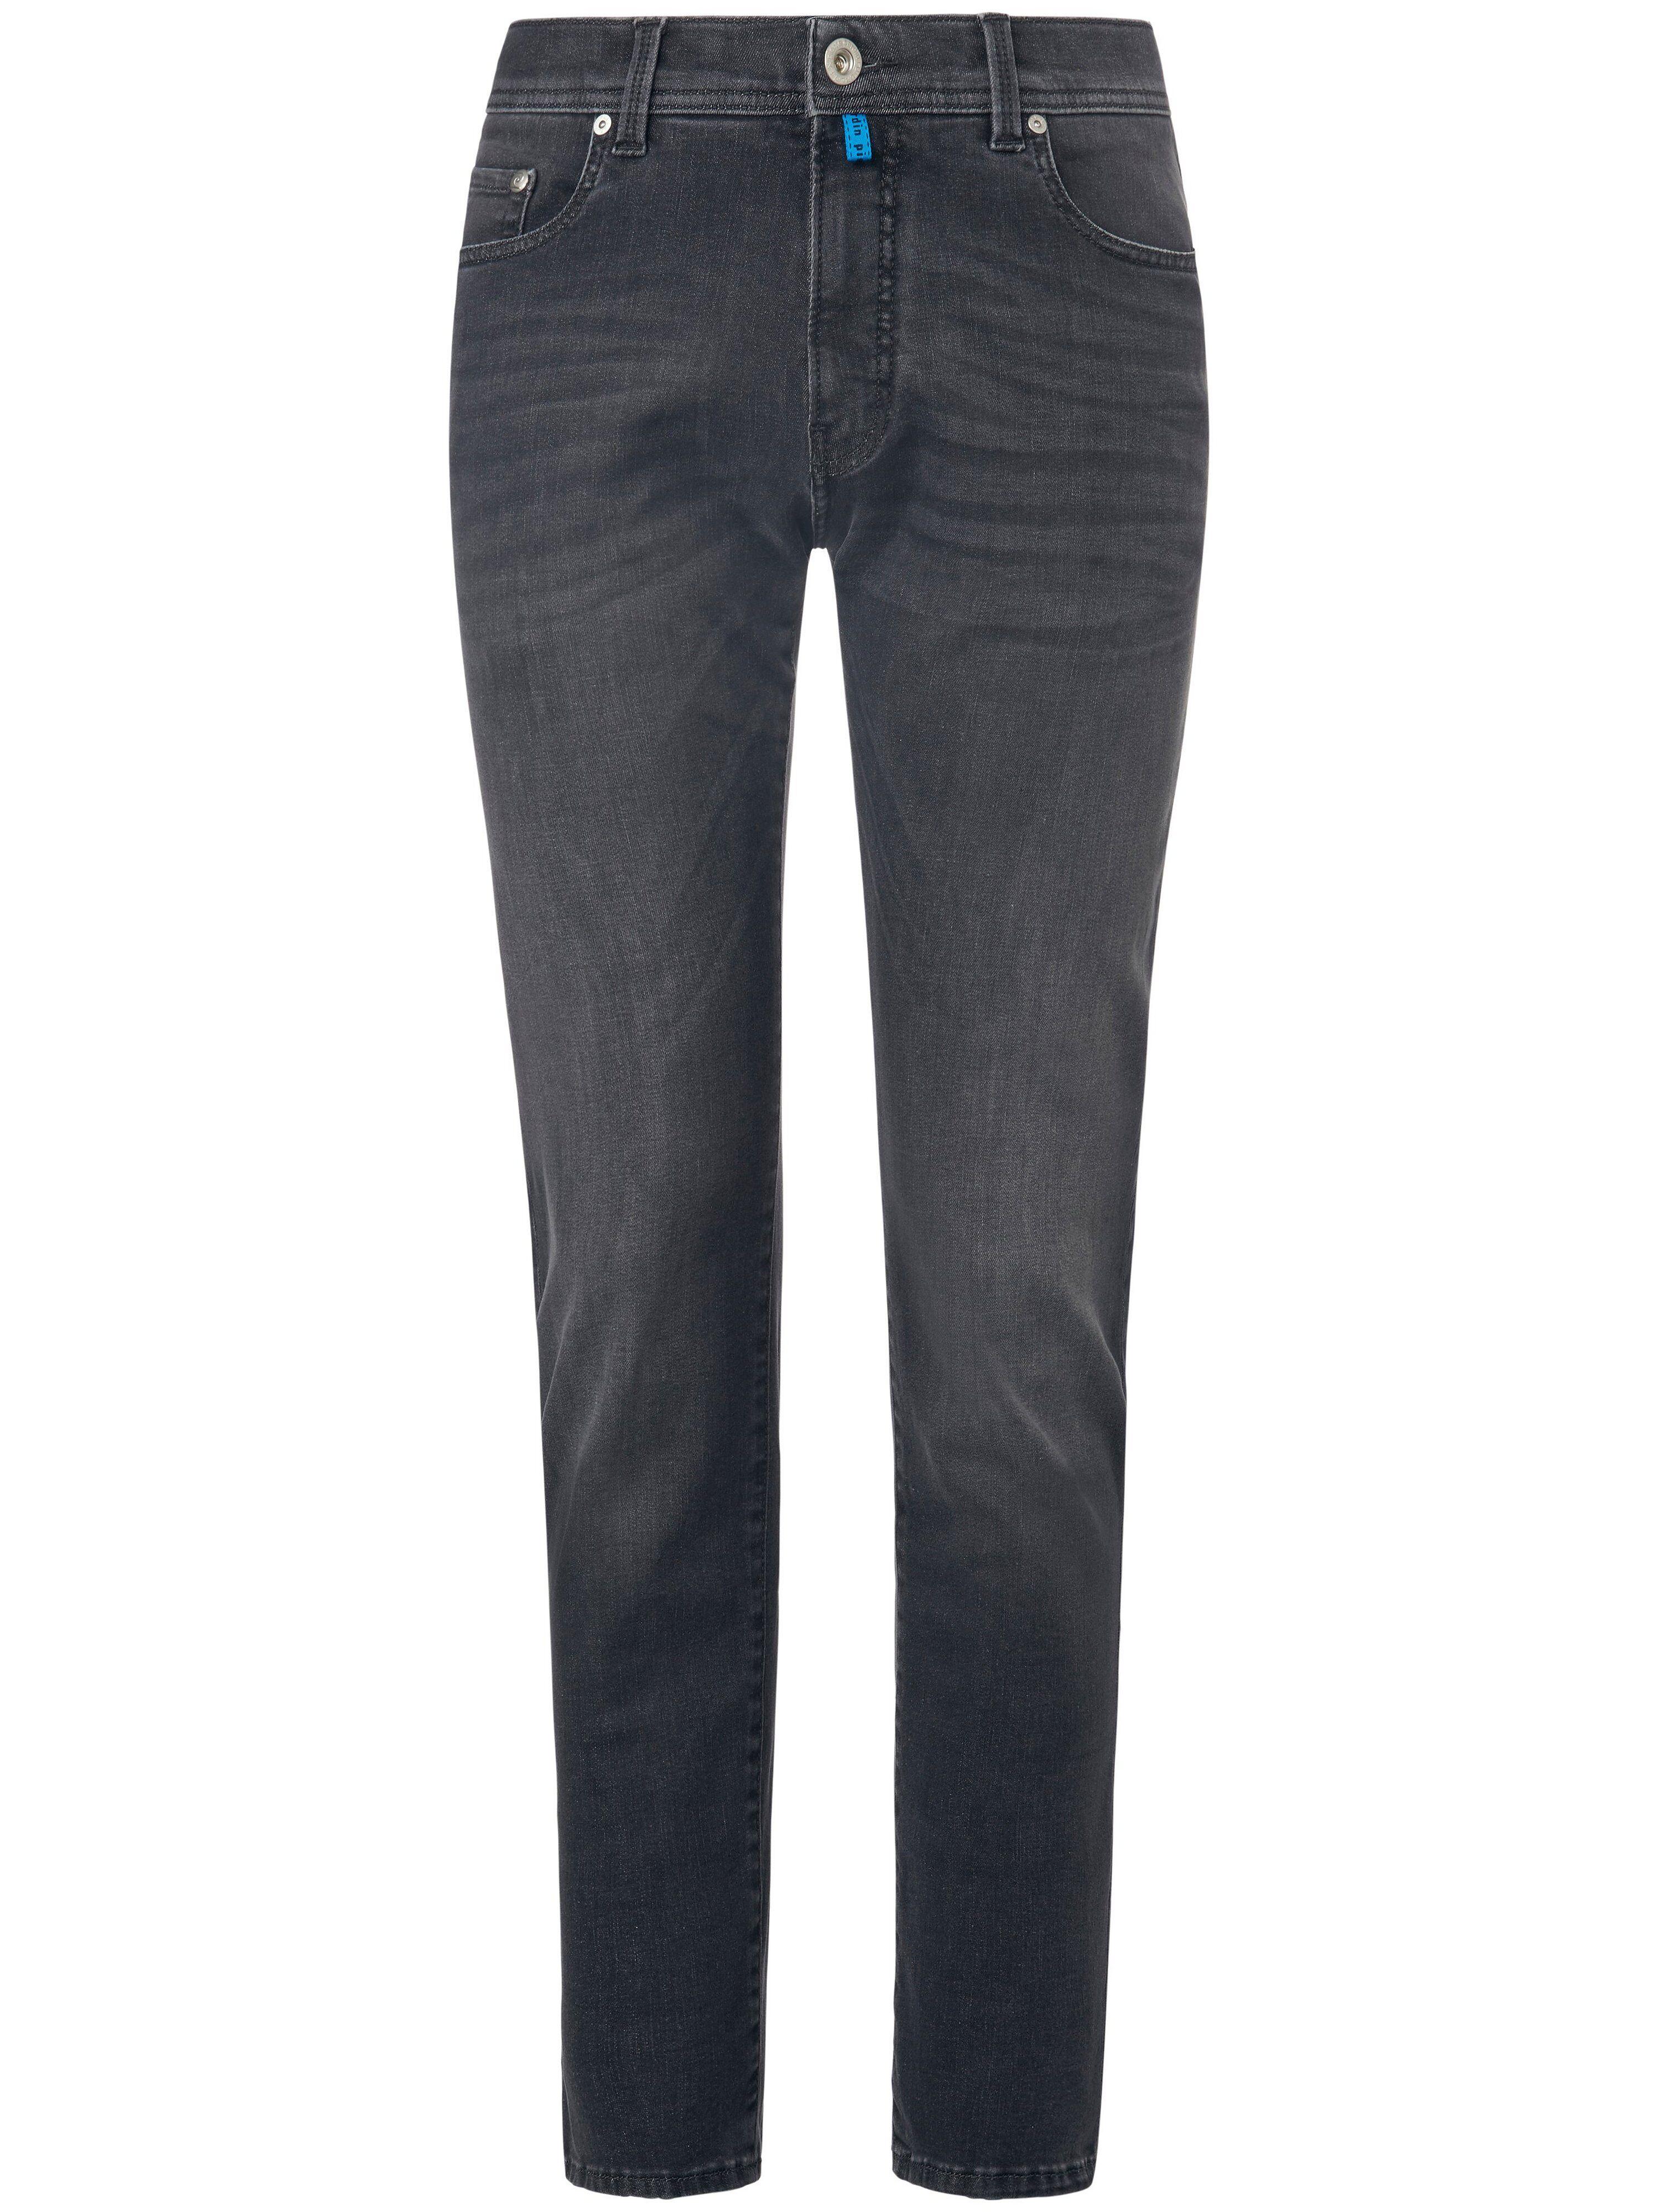 Pierre Cardin Le jean modèle Lyon Tapered  Pierre Cardin denim  - Homme - 28